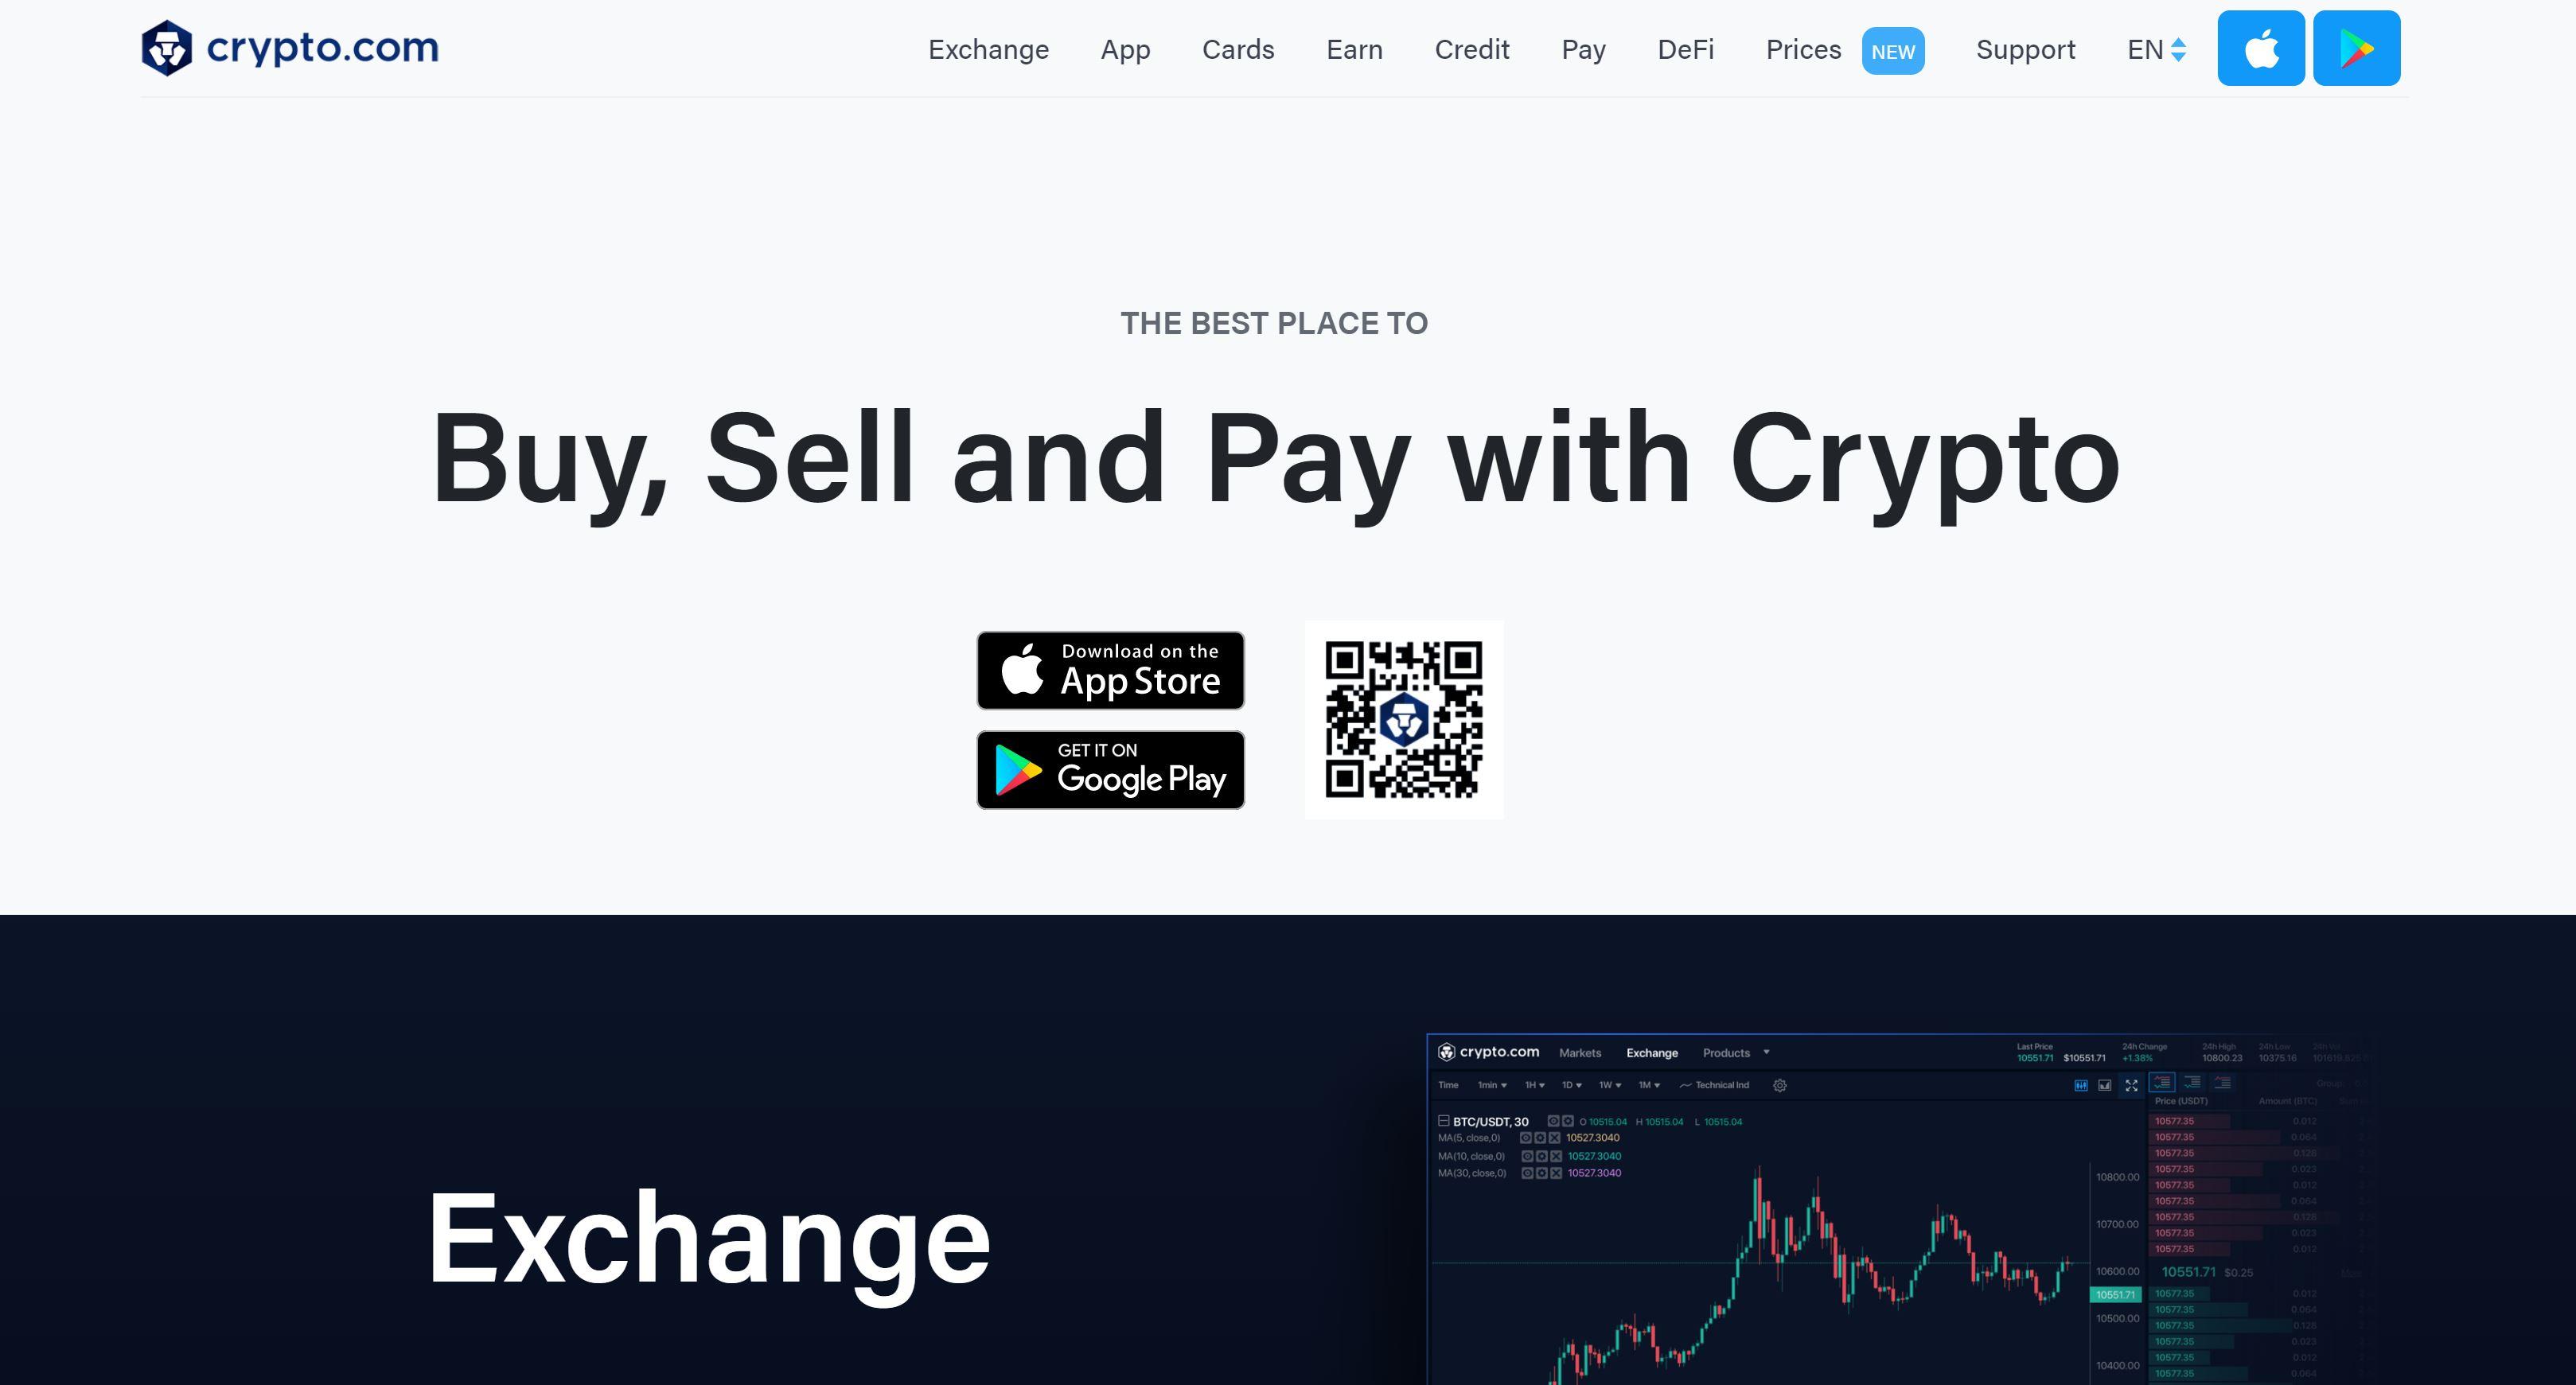 Сайт и логотип Crypto.com